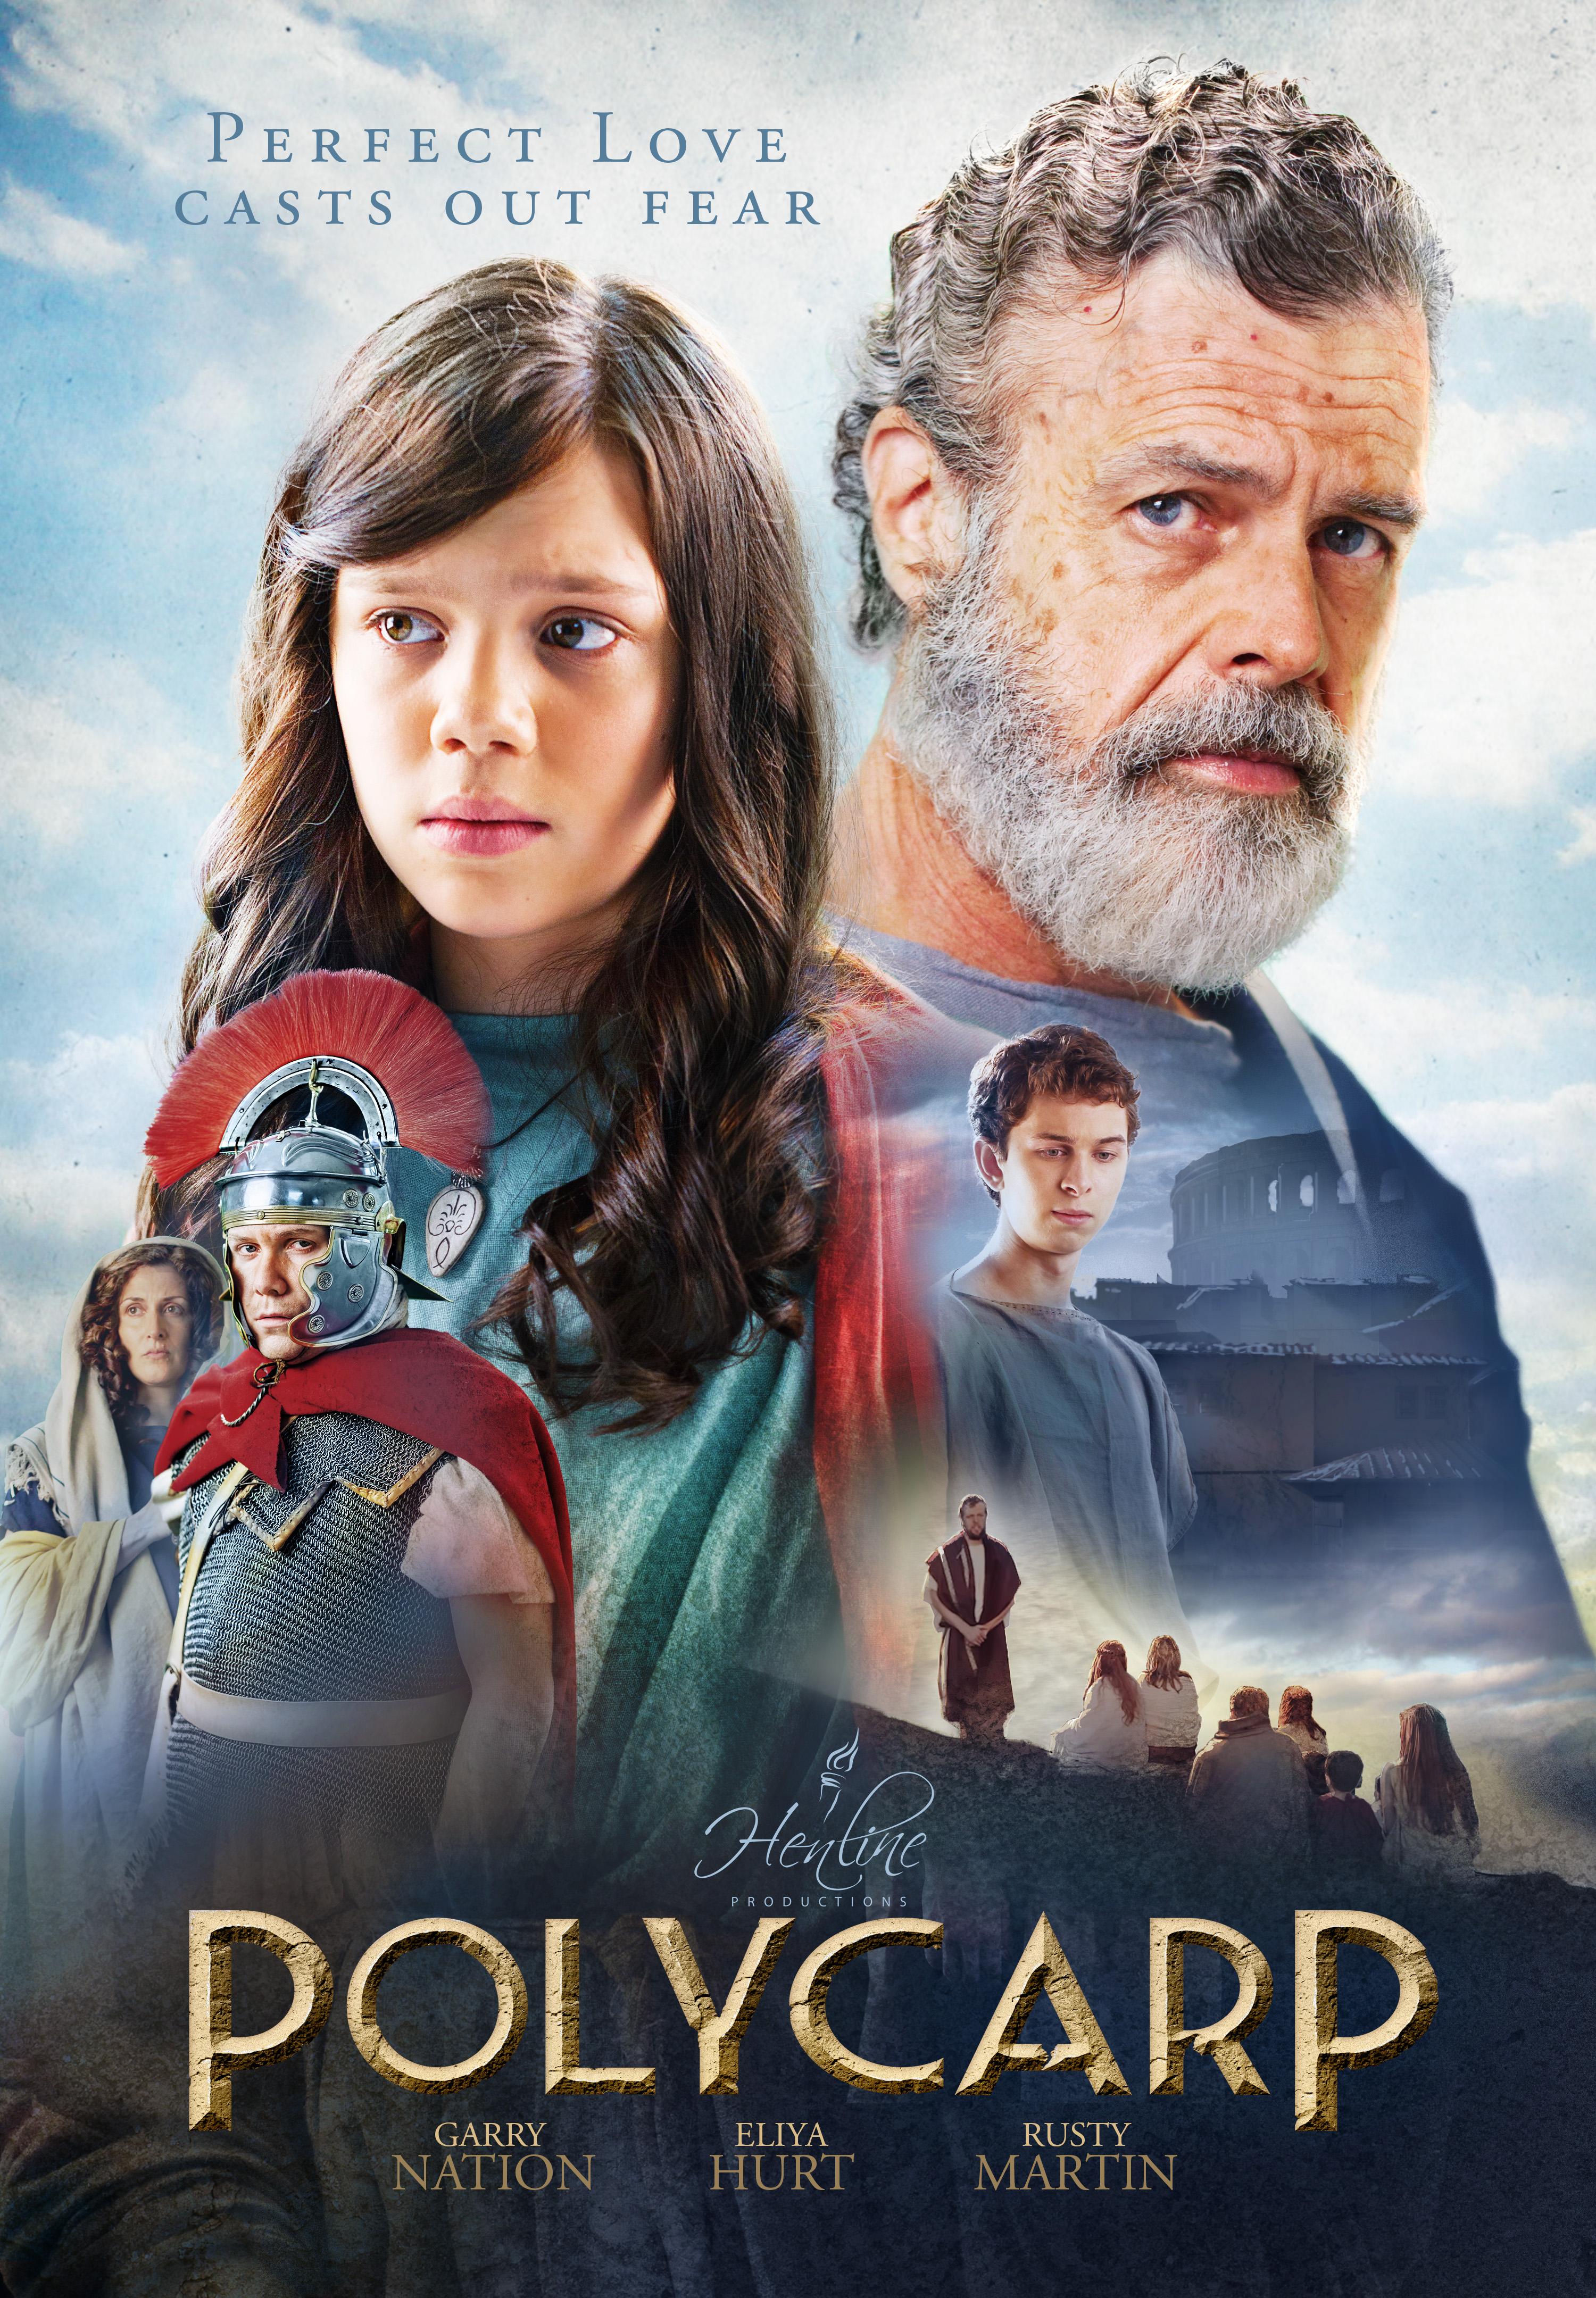 Polycarp-DVD-FINAL-r351